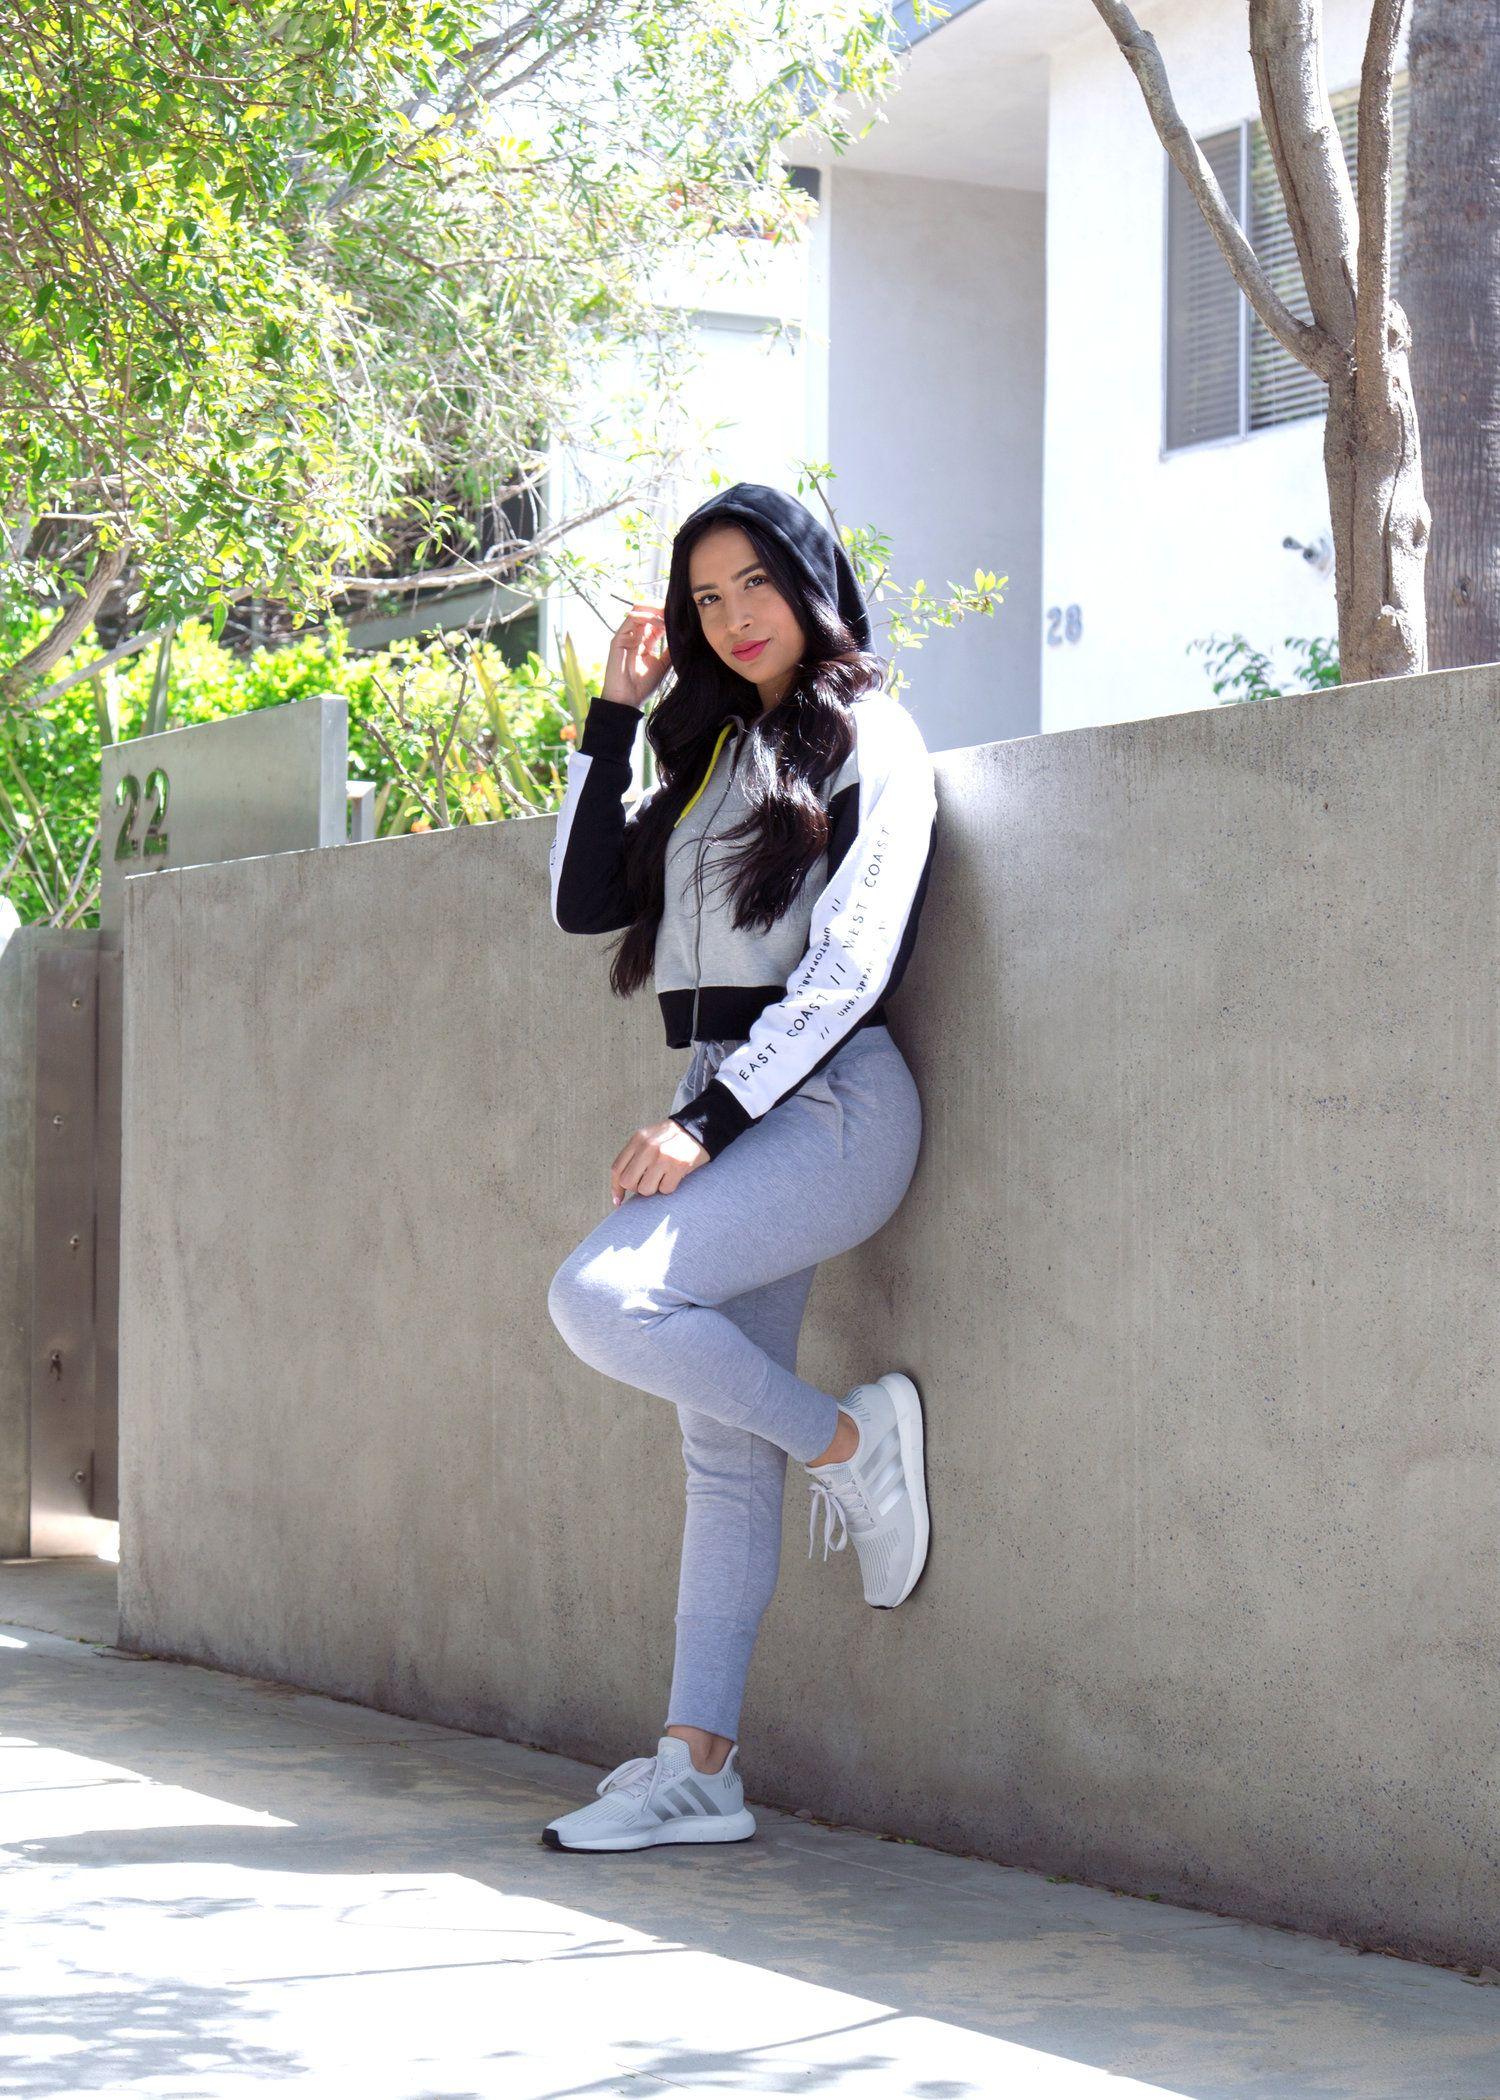 ddbb18727 Hoodie & Sneakers \\ adidas Swift Run Sneakers Adidas, Swift, Normcore,  Hoodie